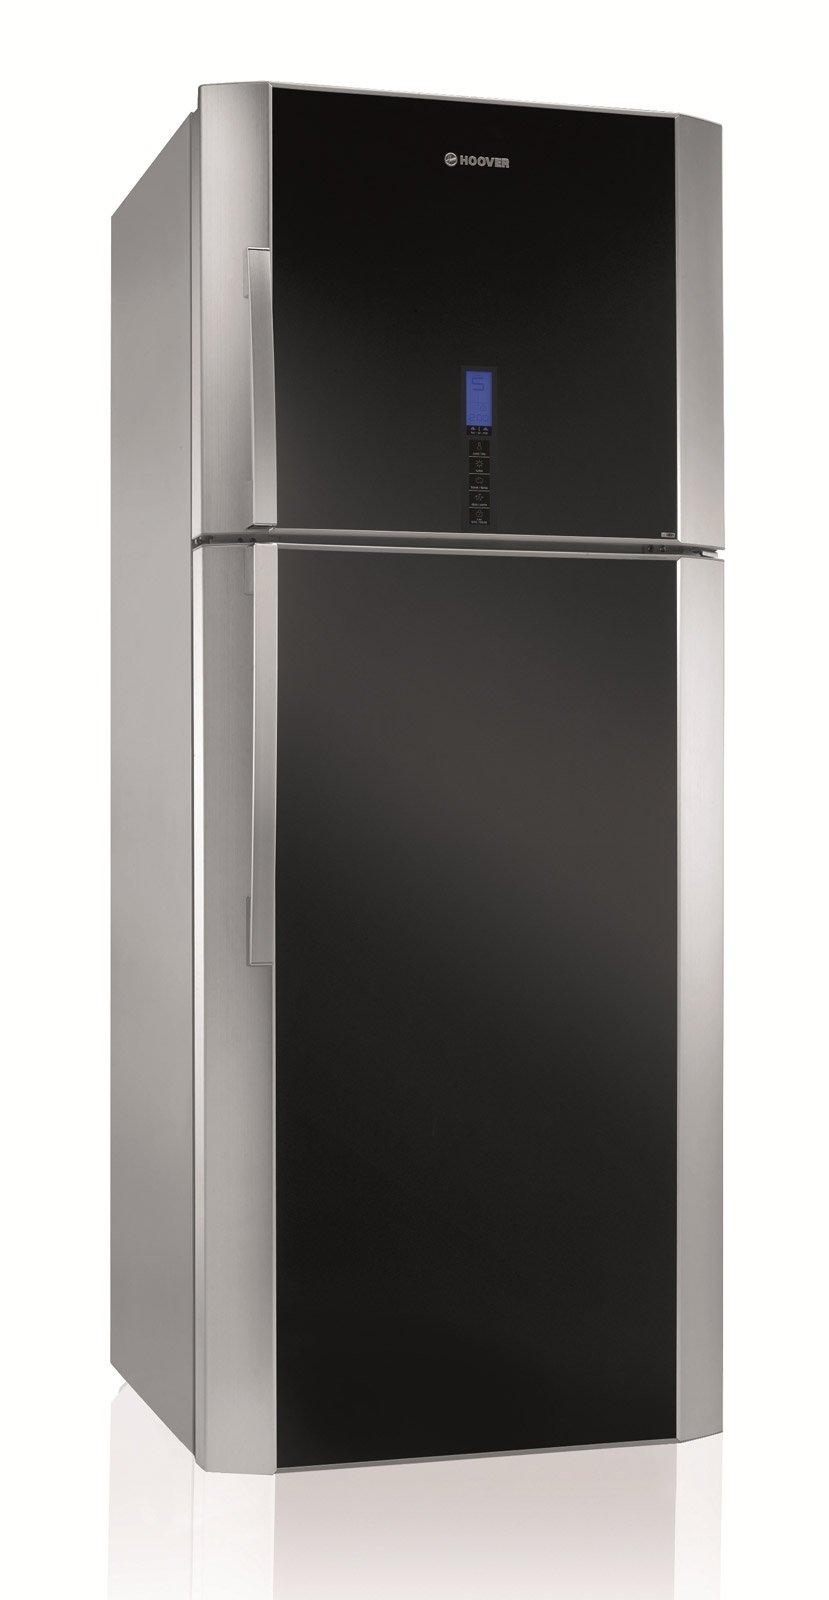 4 hoover hp 510 gl frigorifero doppia porta cose di casa - Frigorifero doppia porta ...